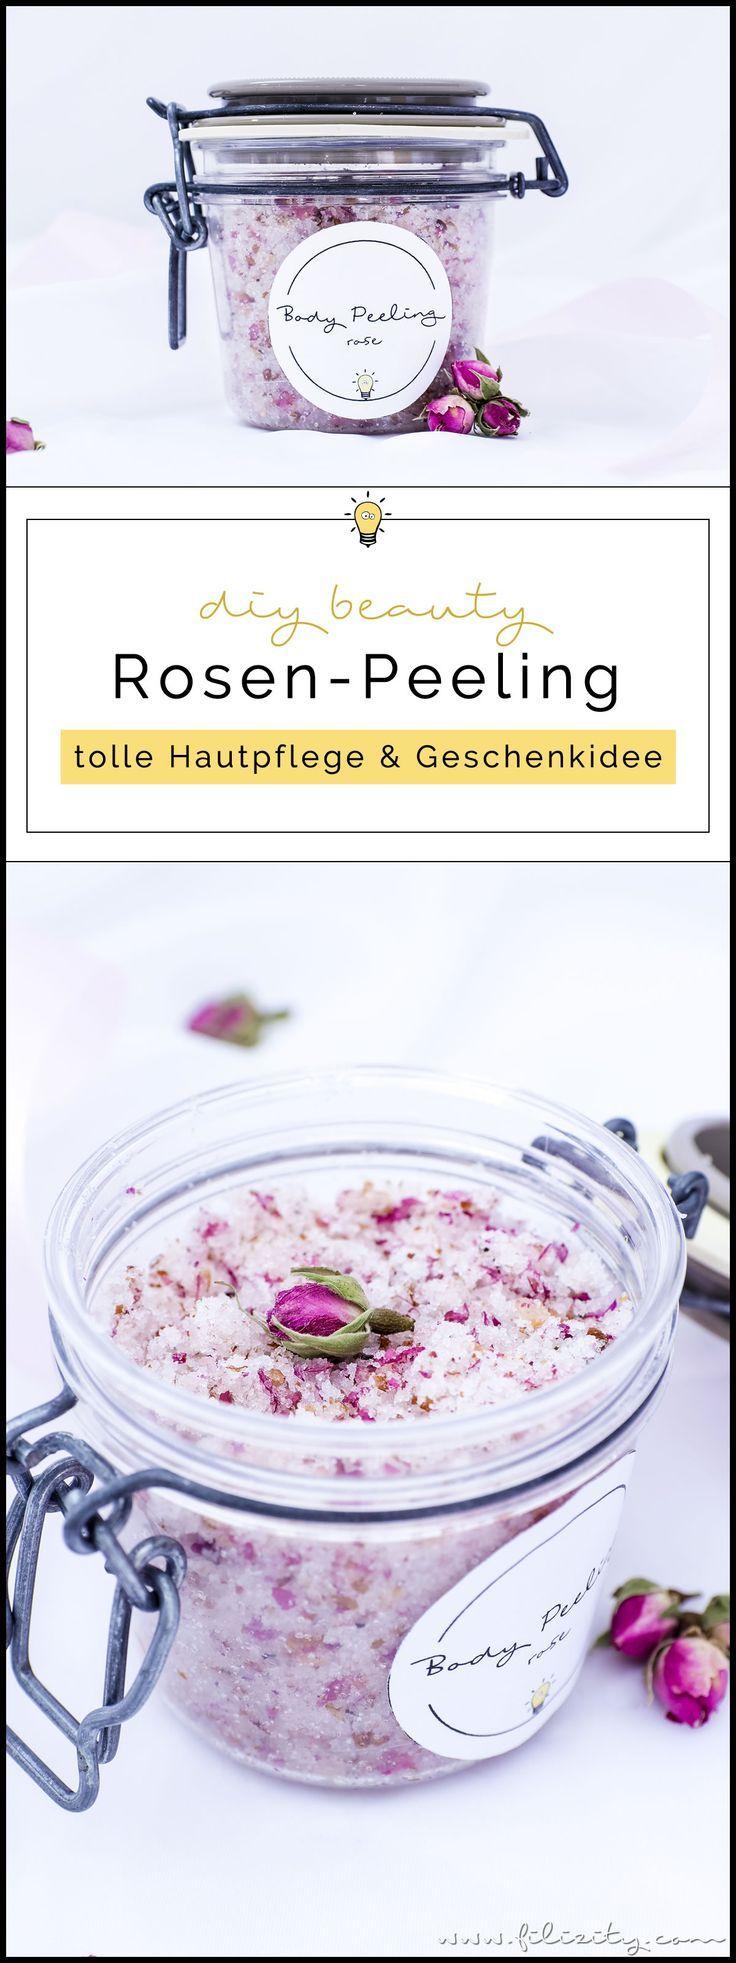 Rosen-Peeling selber machen - DIY Hautpflege & Geschenkidee für Valentinstag #diyskincare